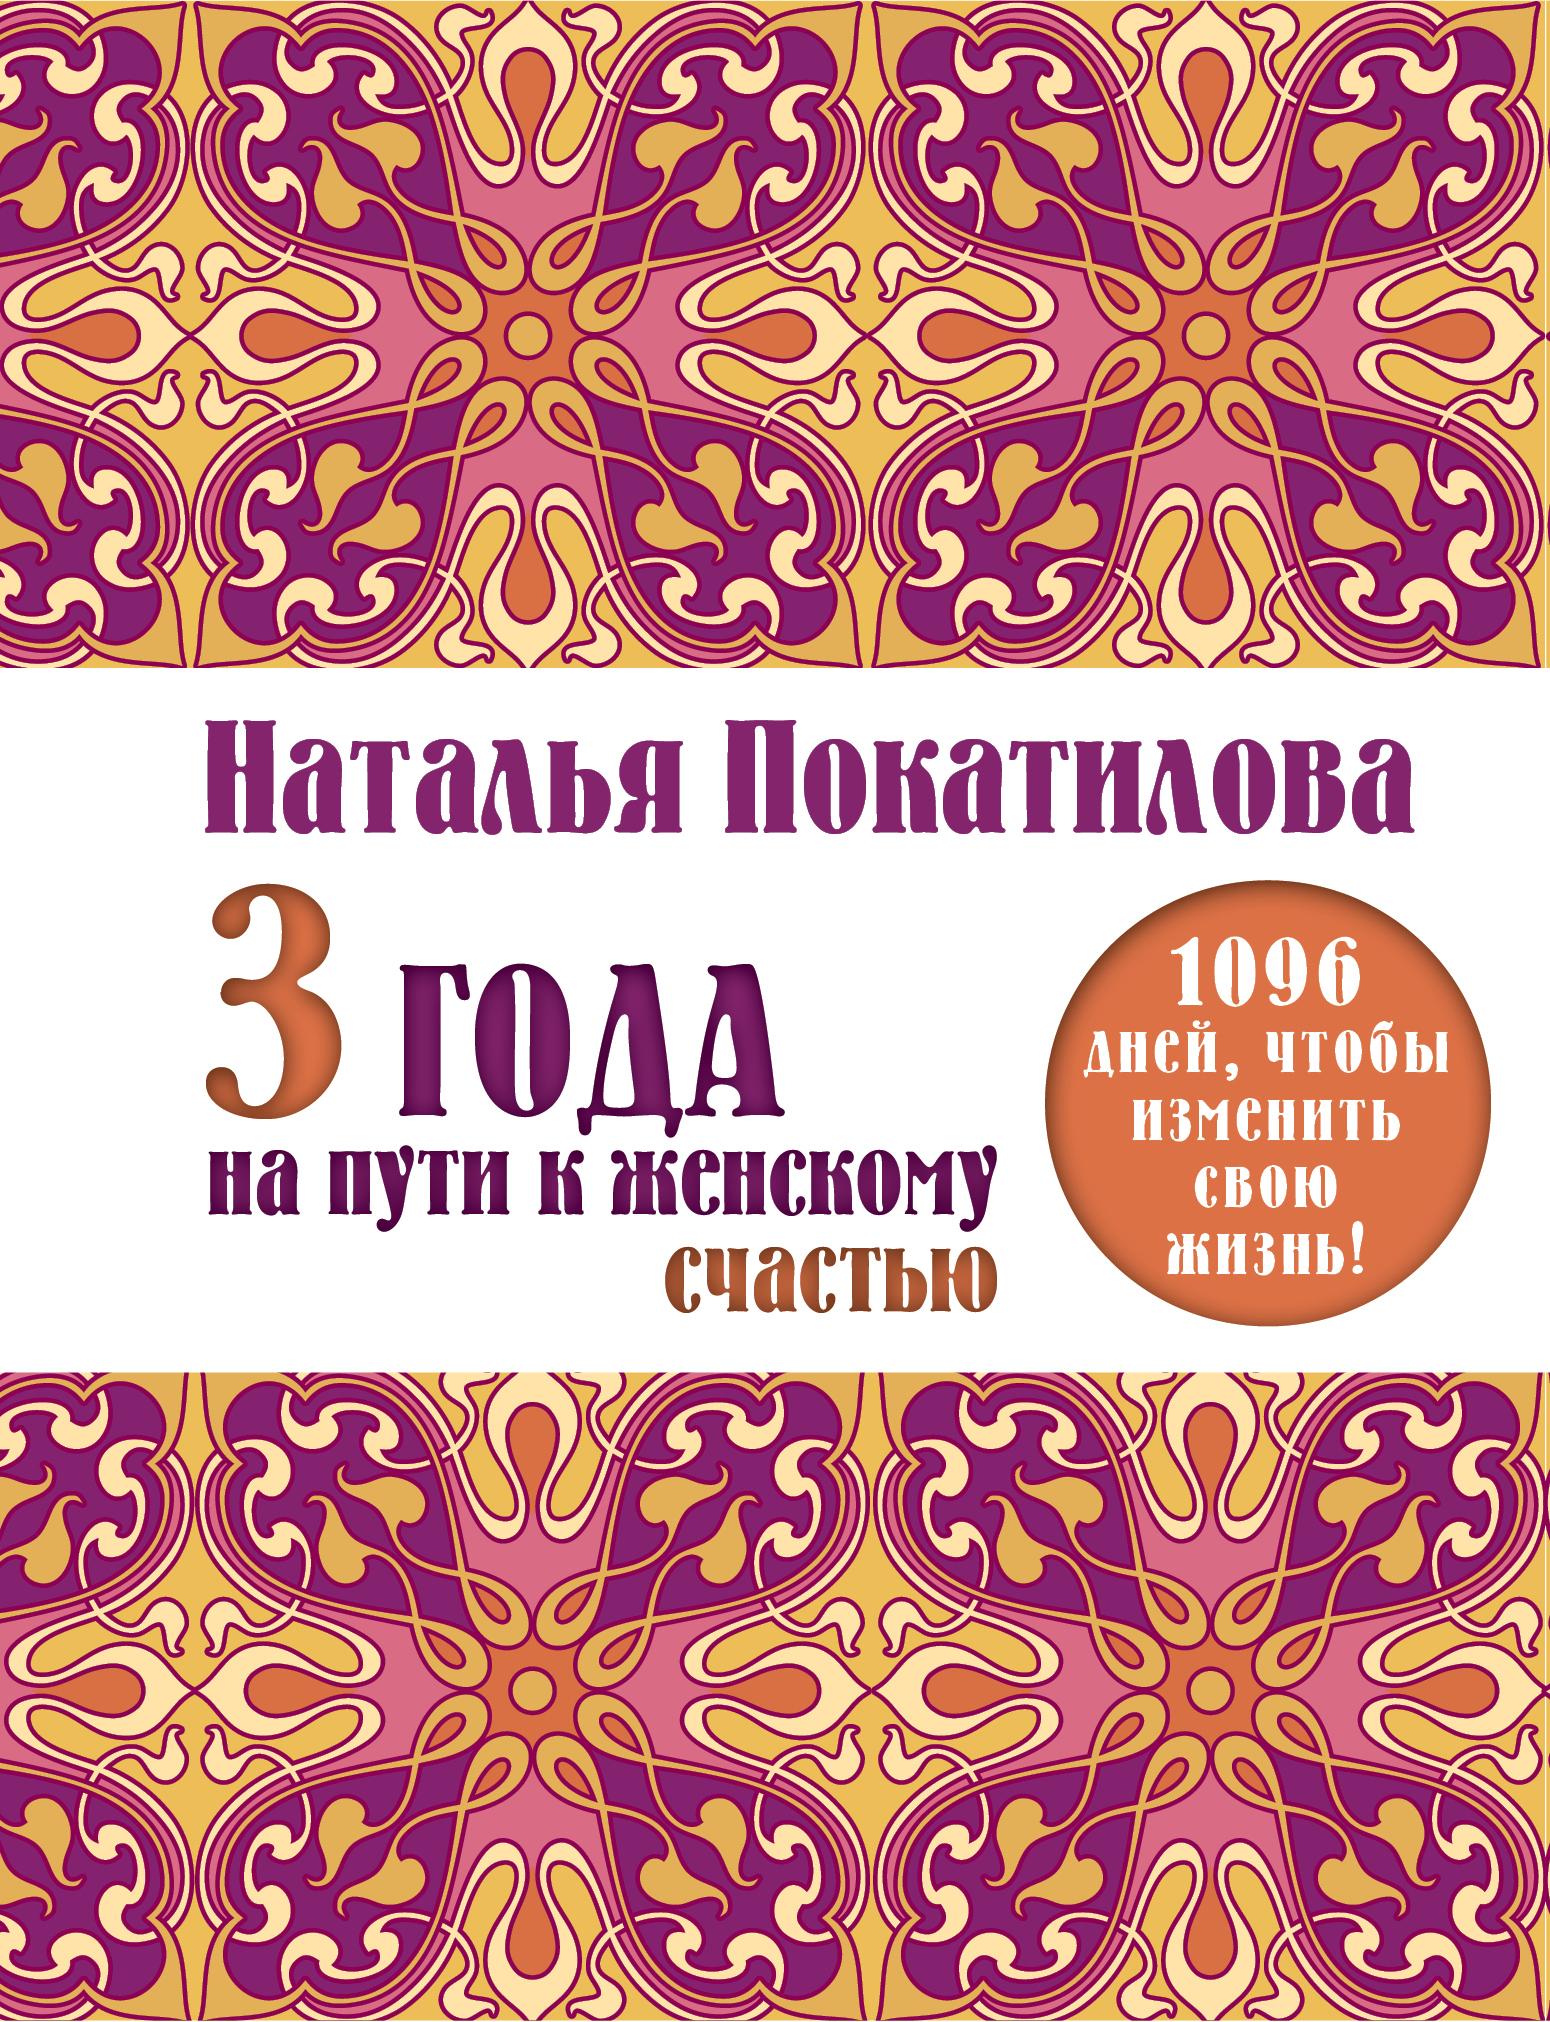 Покатилова Н.А. 3 года на пути к женскому счастью: 1096 дней, чтобы изменить свою жизнь! цена